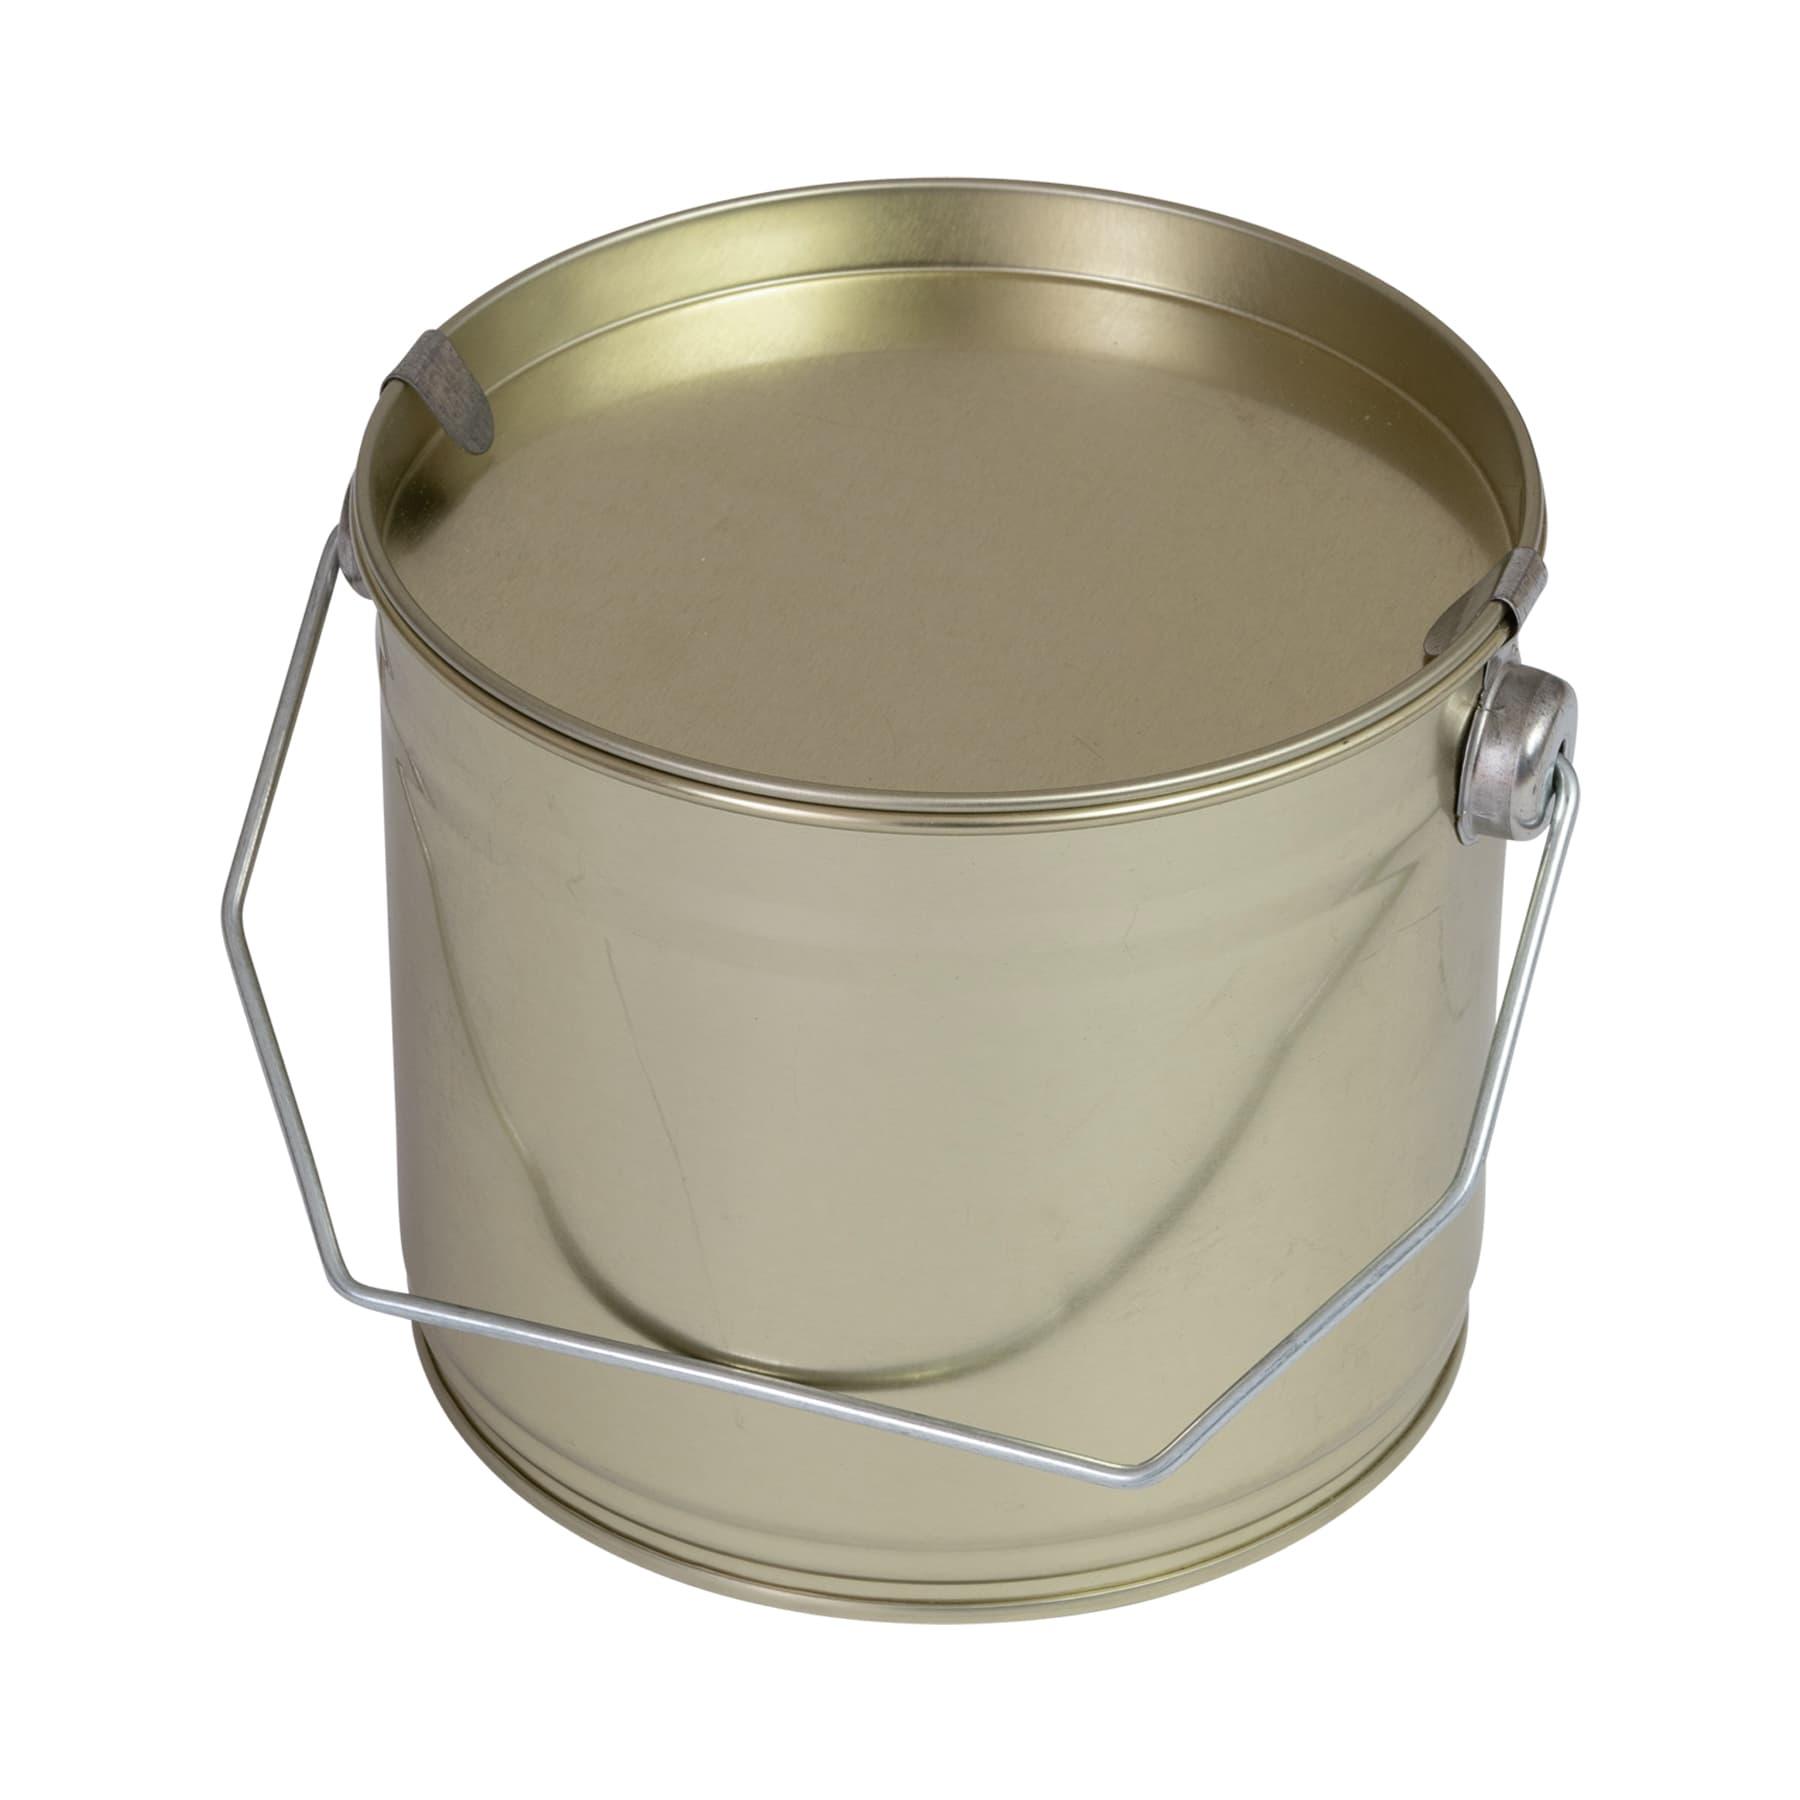 Honigeimerchen 1,5 kg Blech goldlackiert